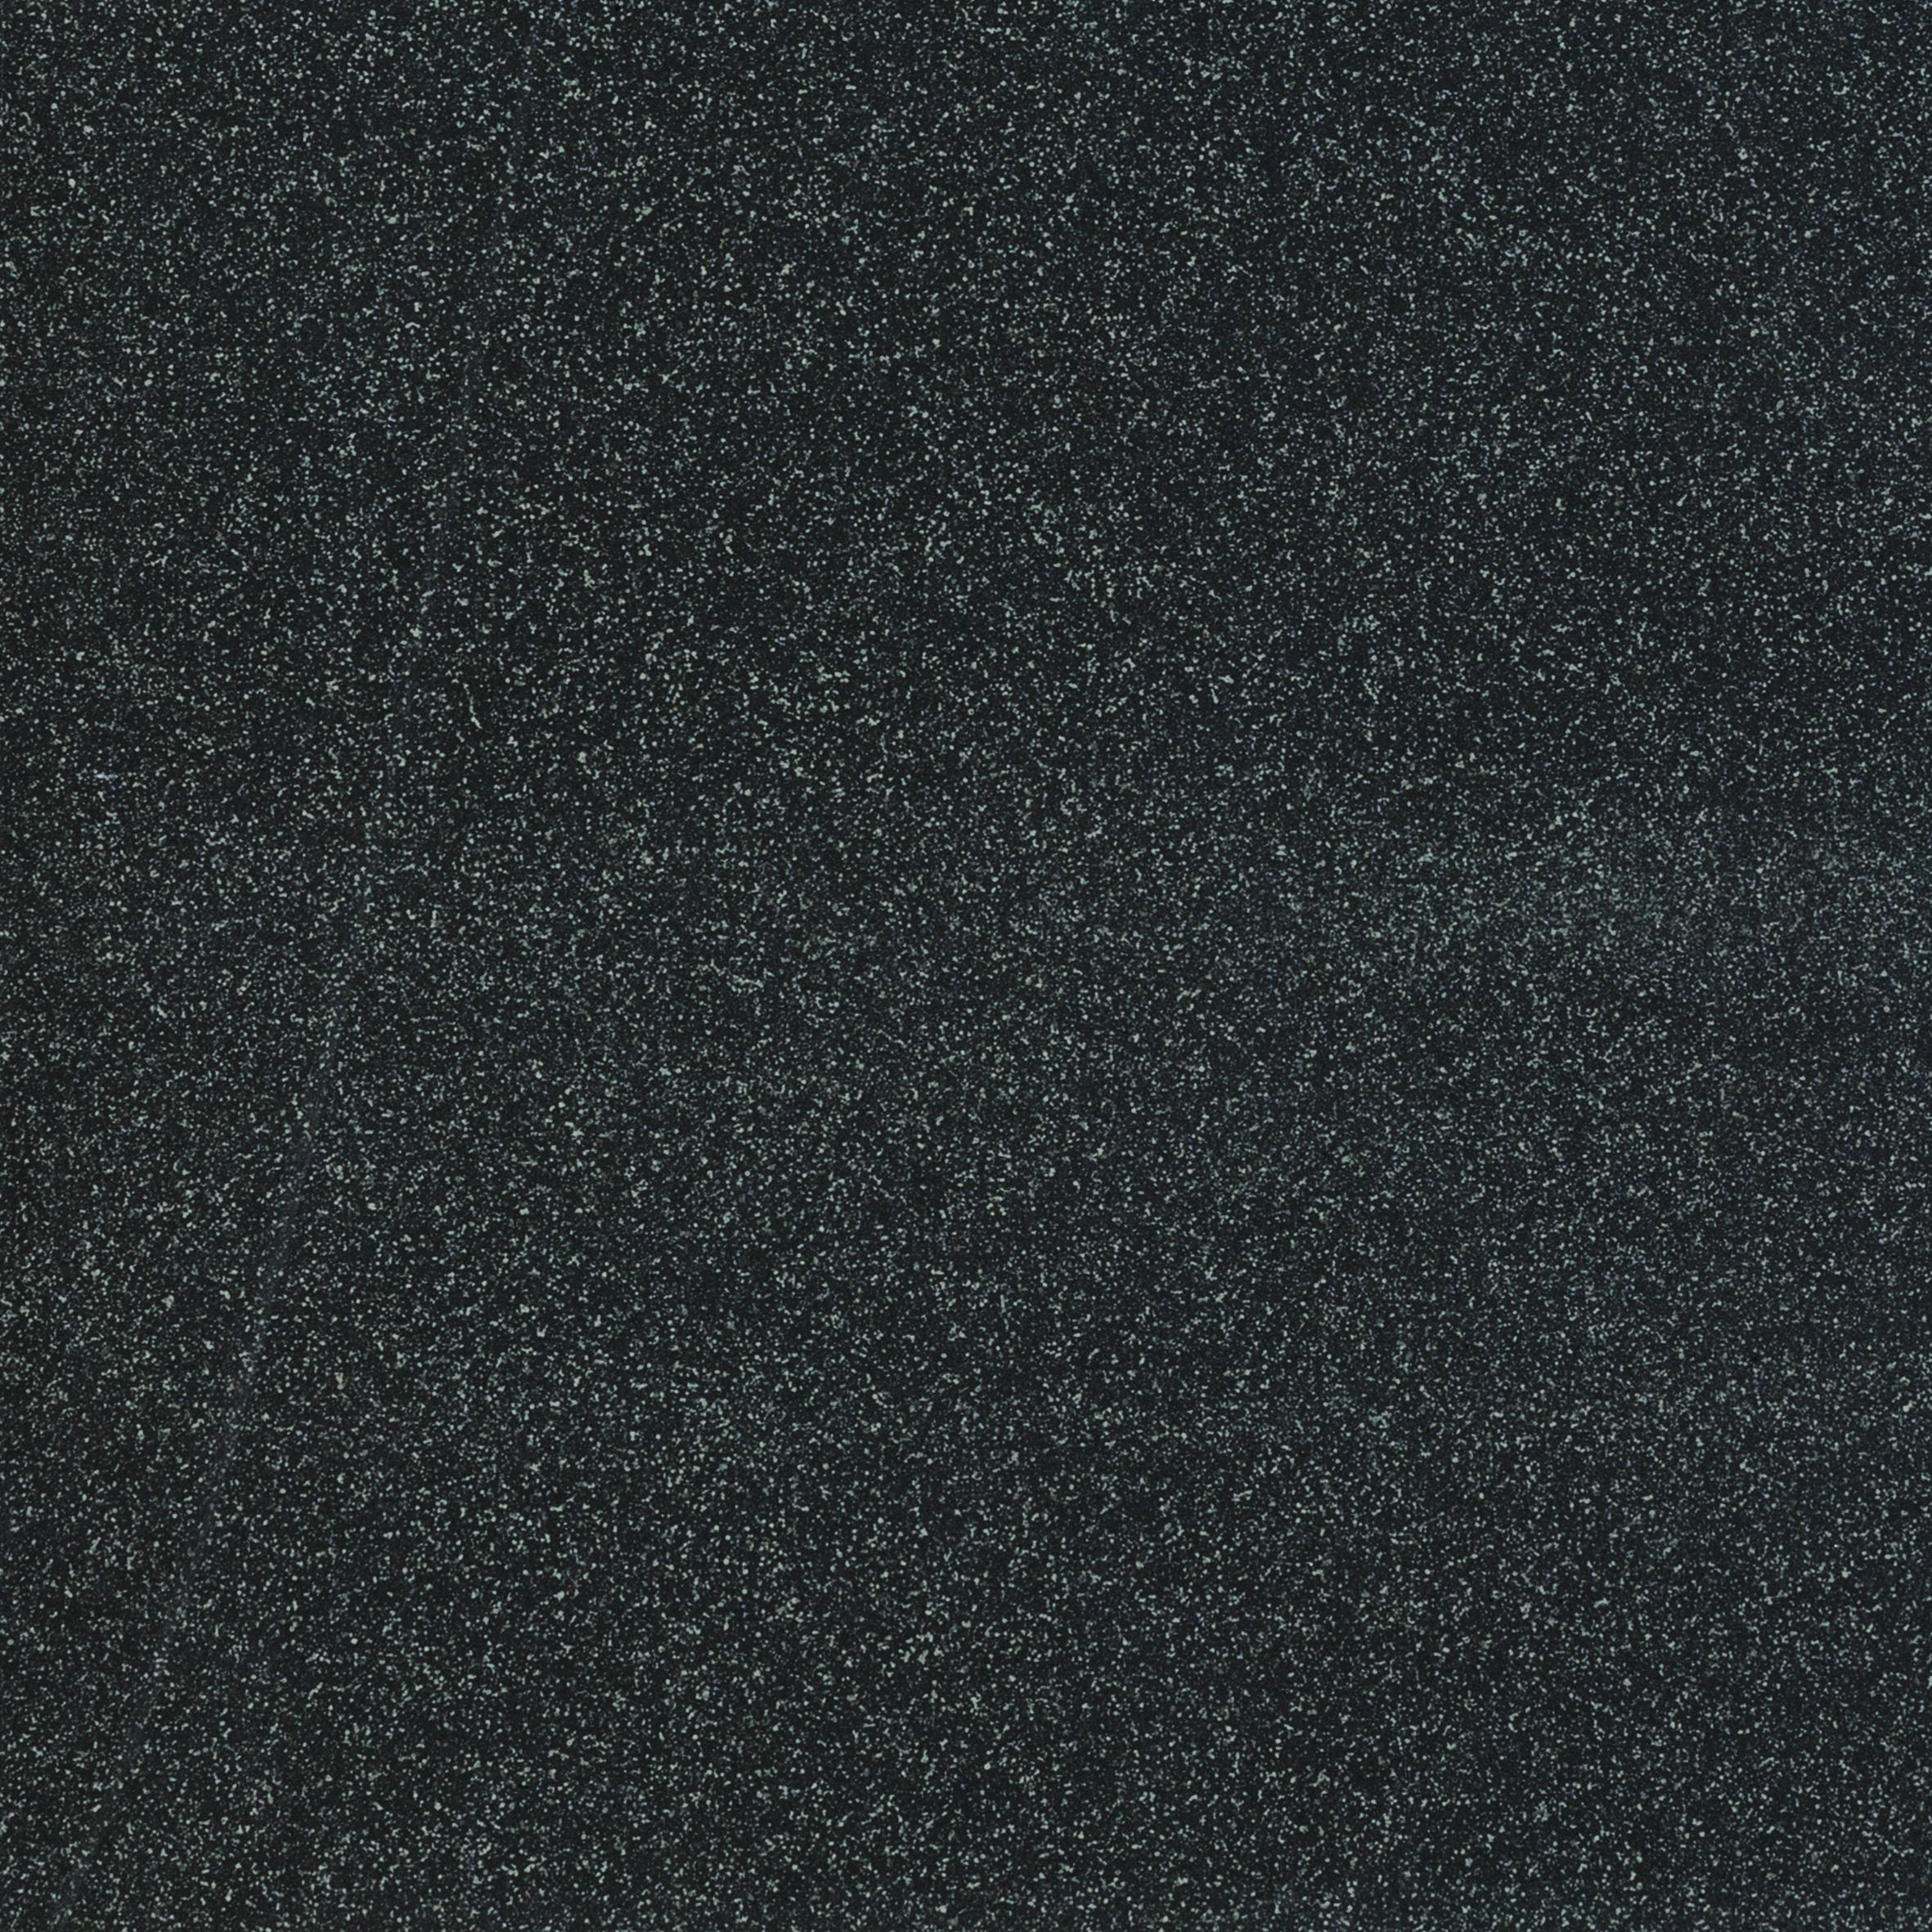 JLR110 Dark Grey 20x20